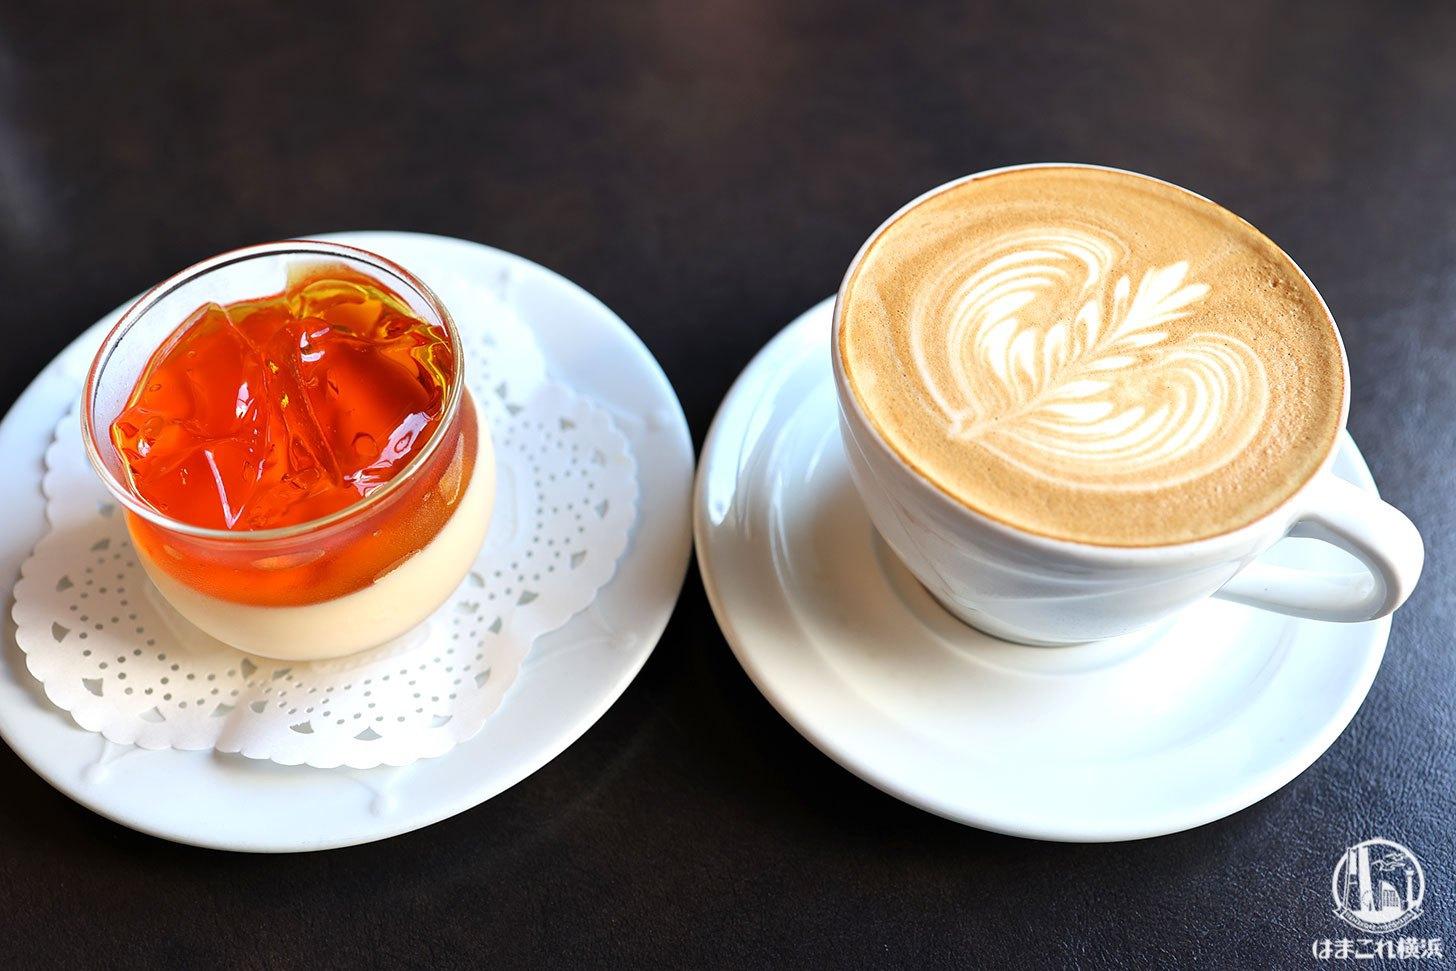 カフェドラプレスのプリンは斬新さ光る旨さ!横浜の歴史的建造物で過ごす週末の午後